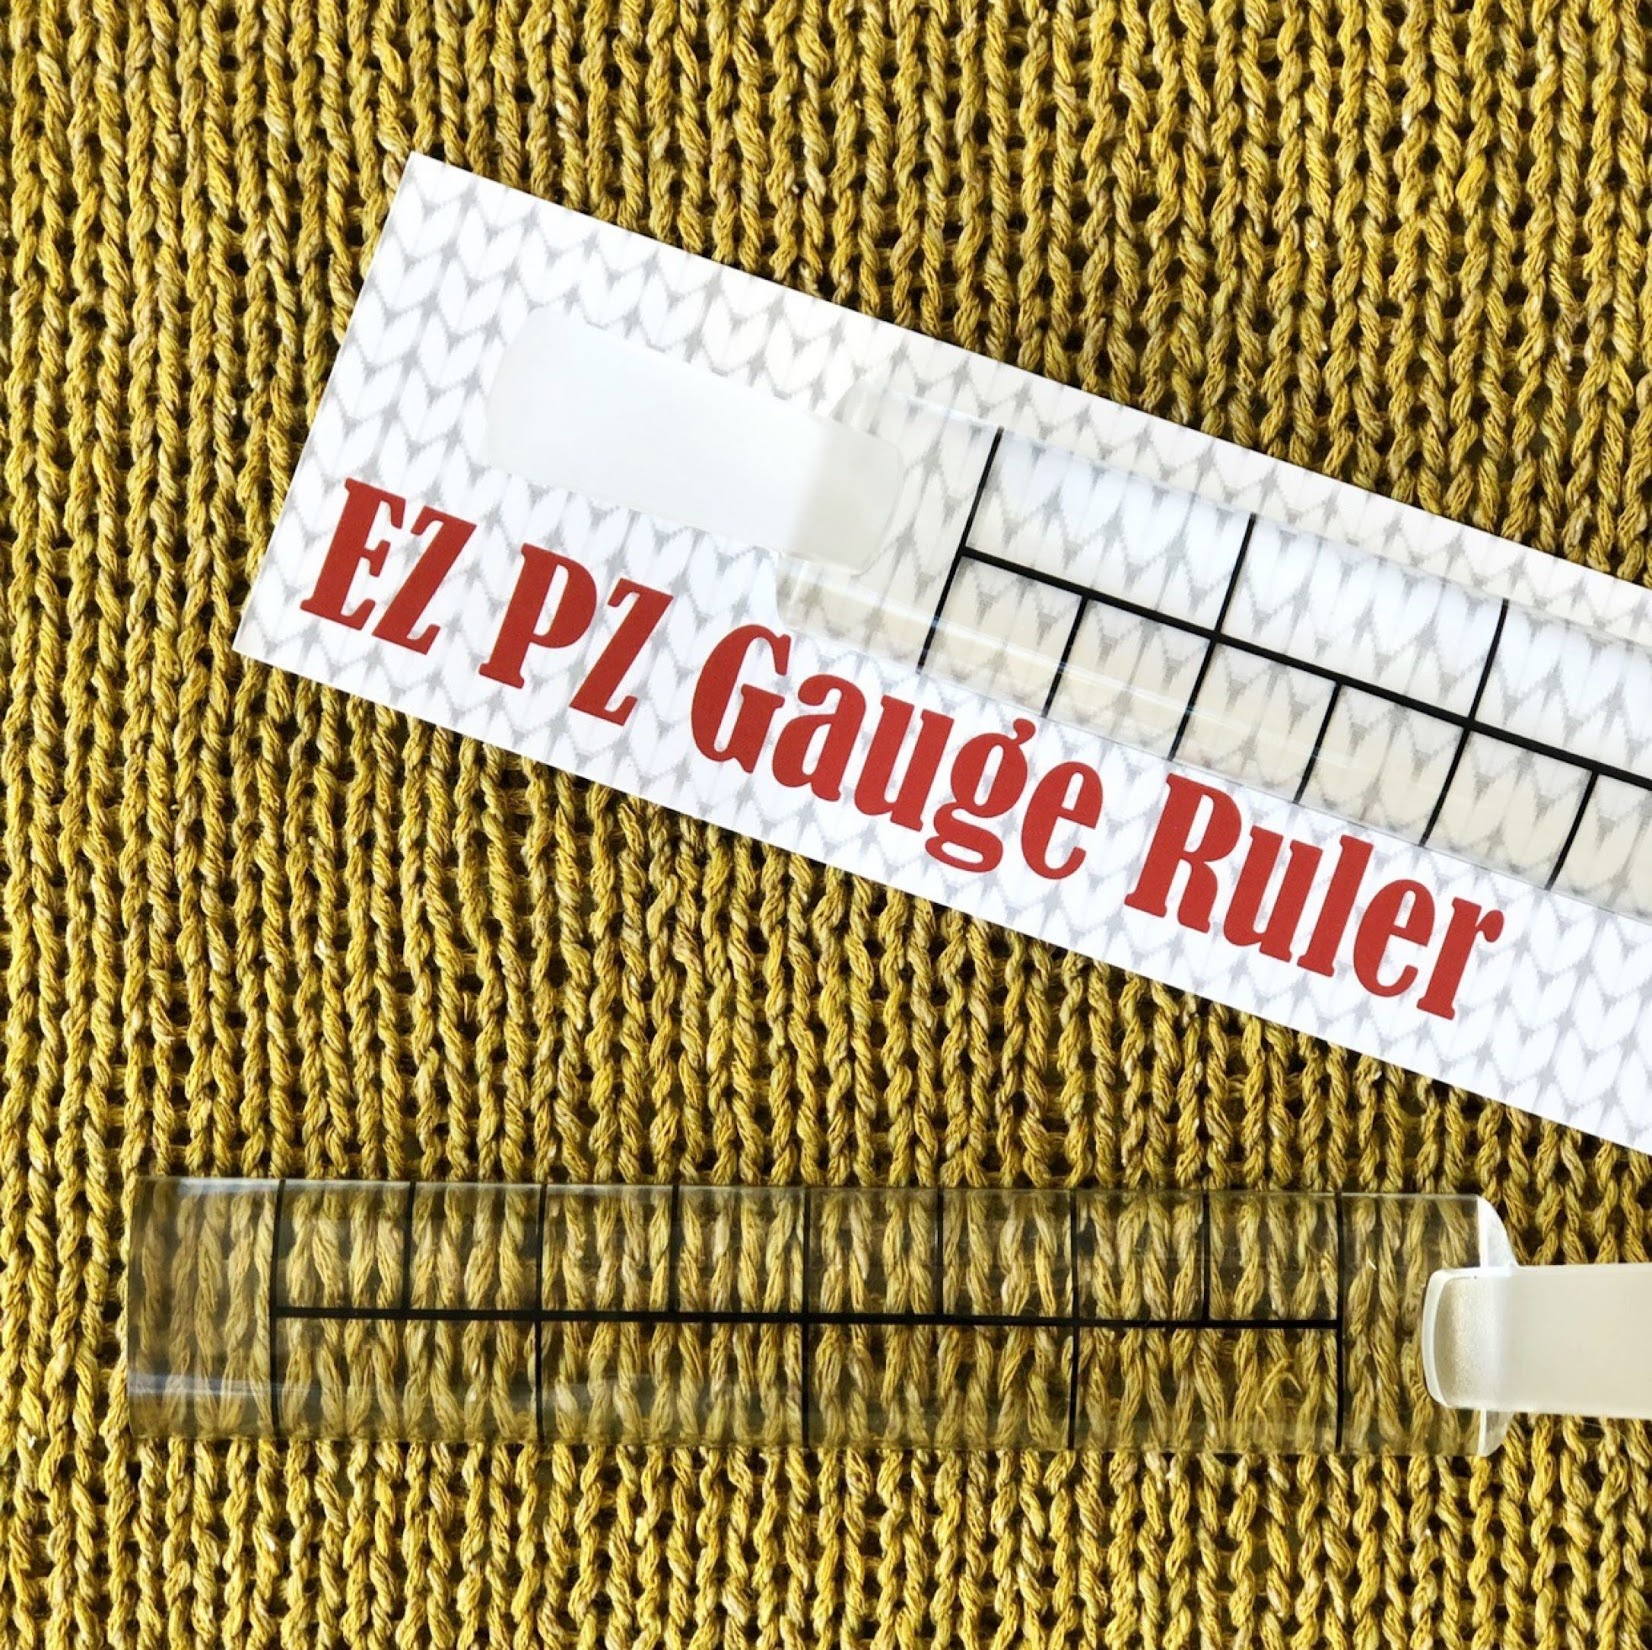 EZPZ Gauge Ruler